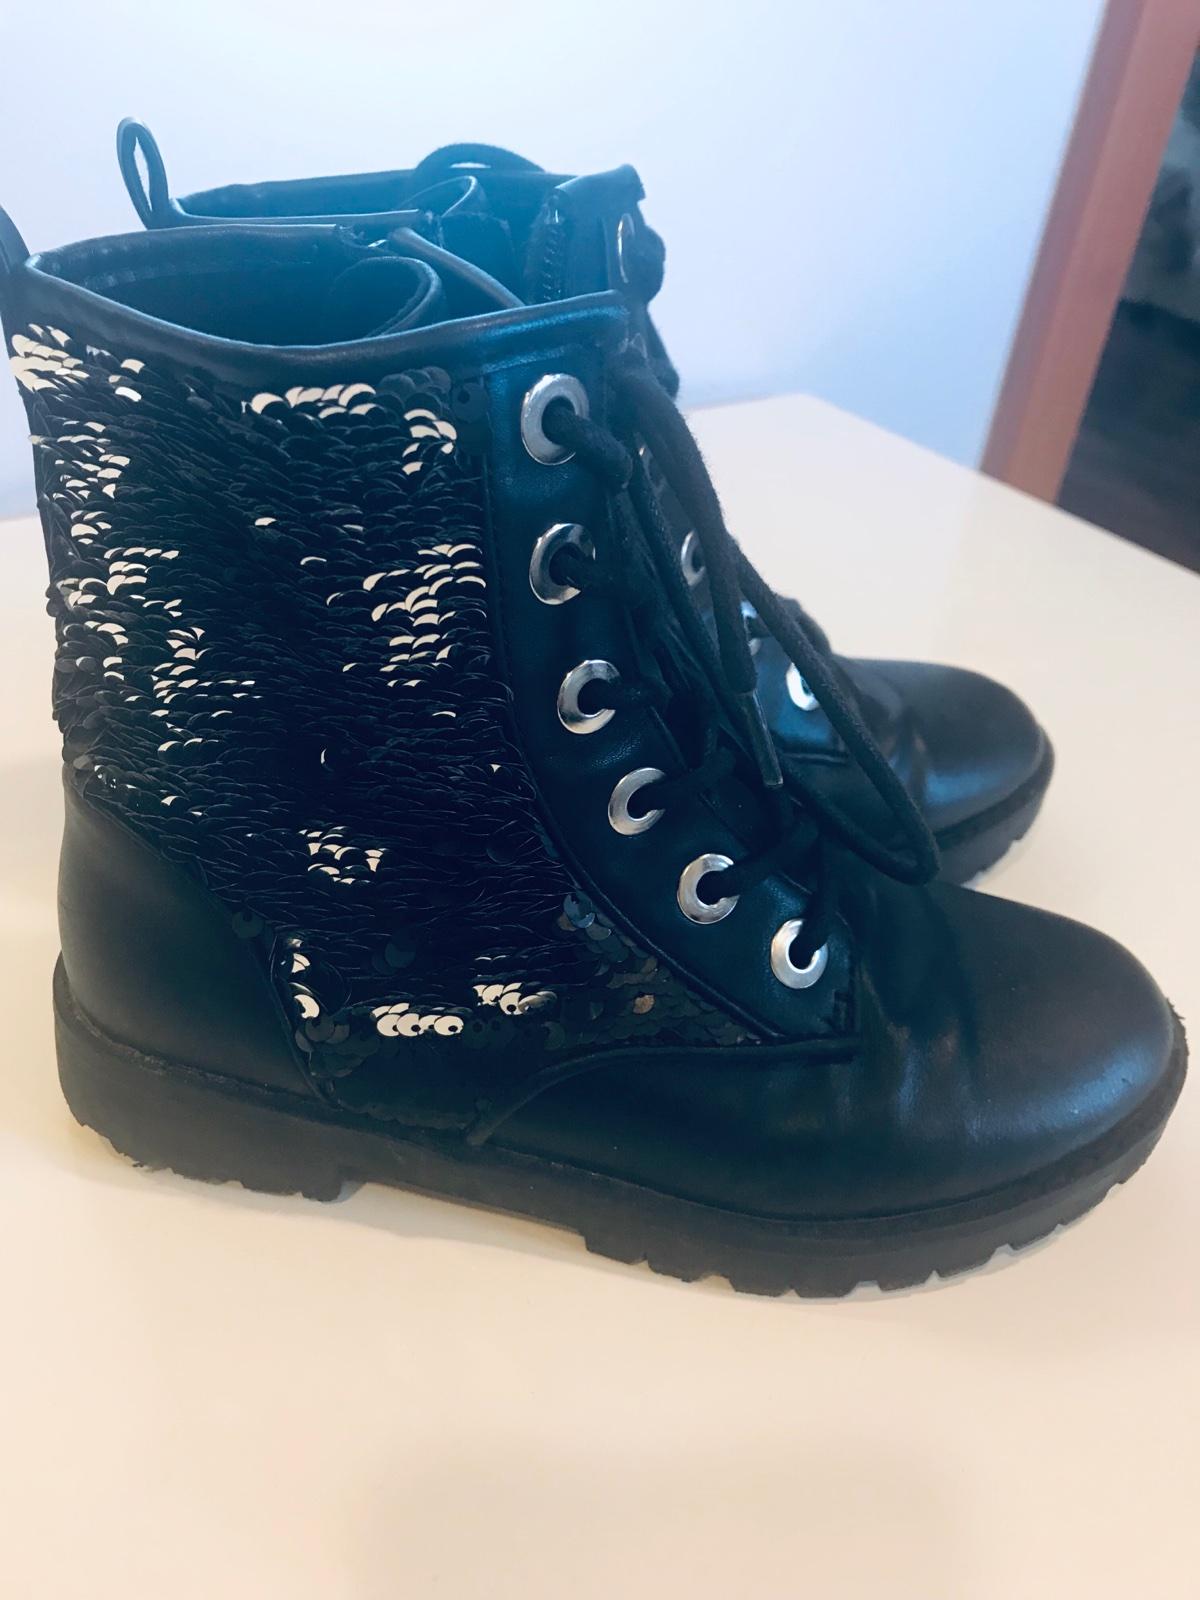 d0c4d9c8f8 Kotníčkové kožené boty zara